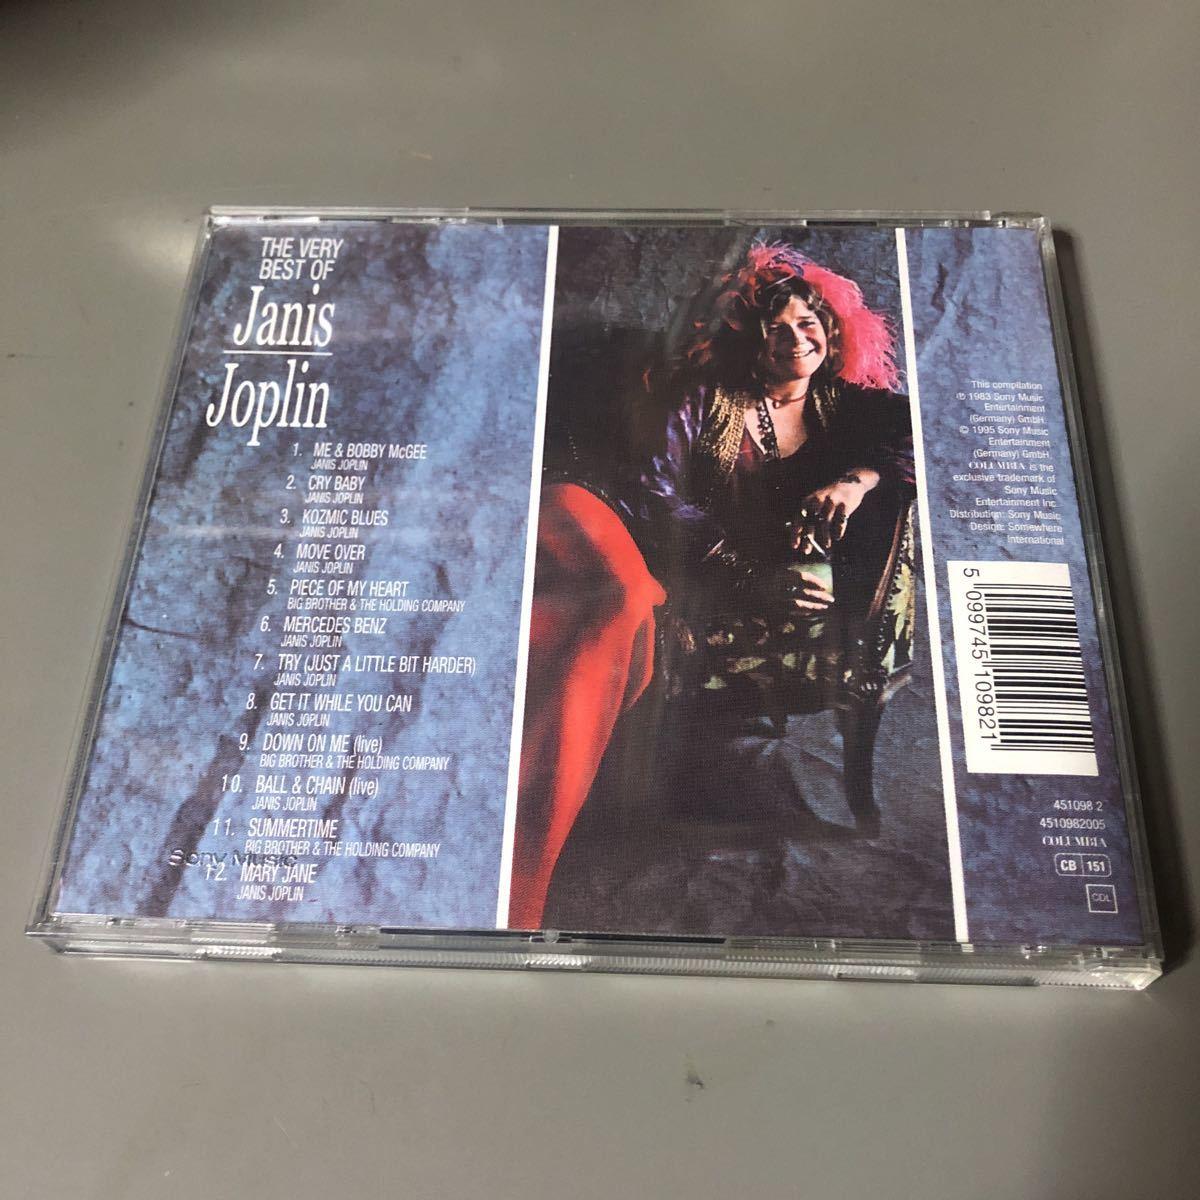 ジャニス・ジョプリン Janis Joplin The Very Best Of EU盤CD